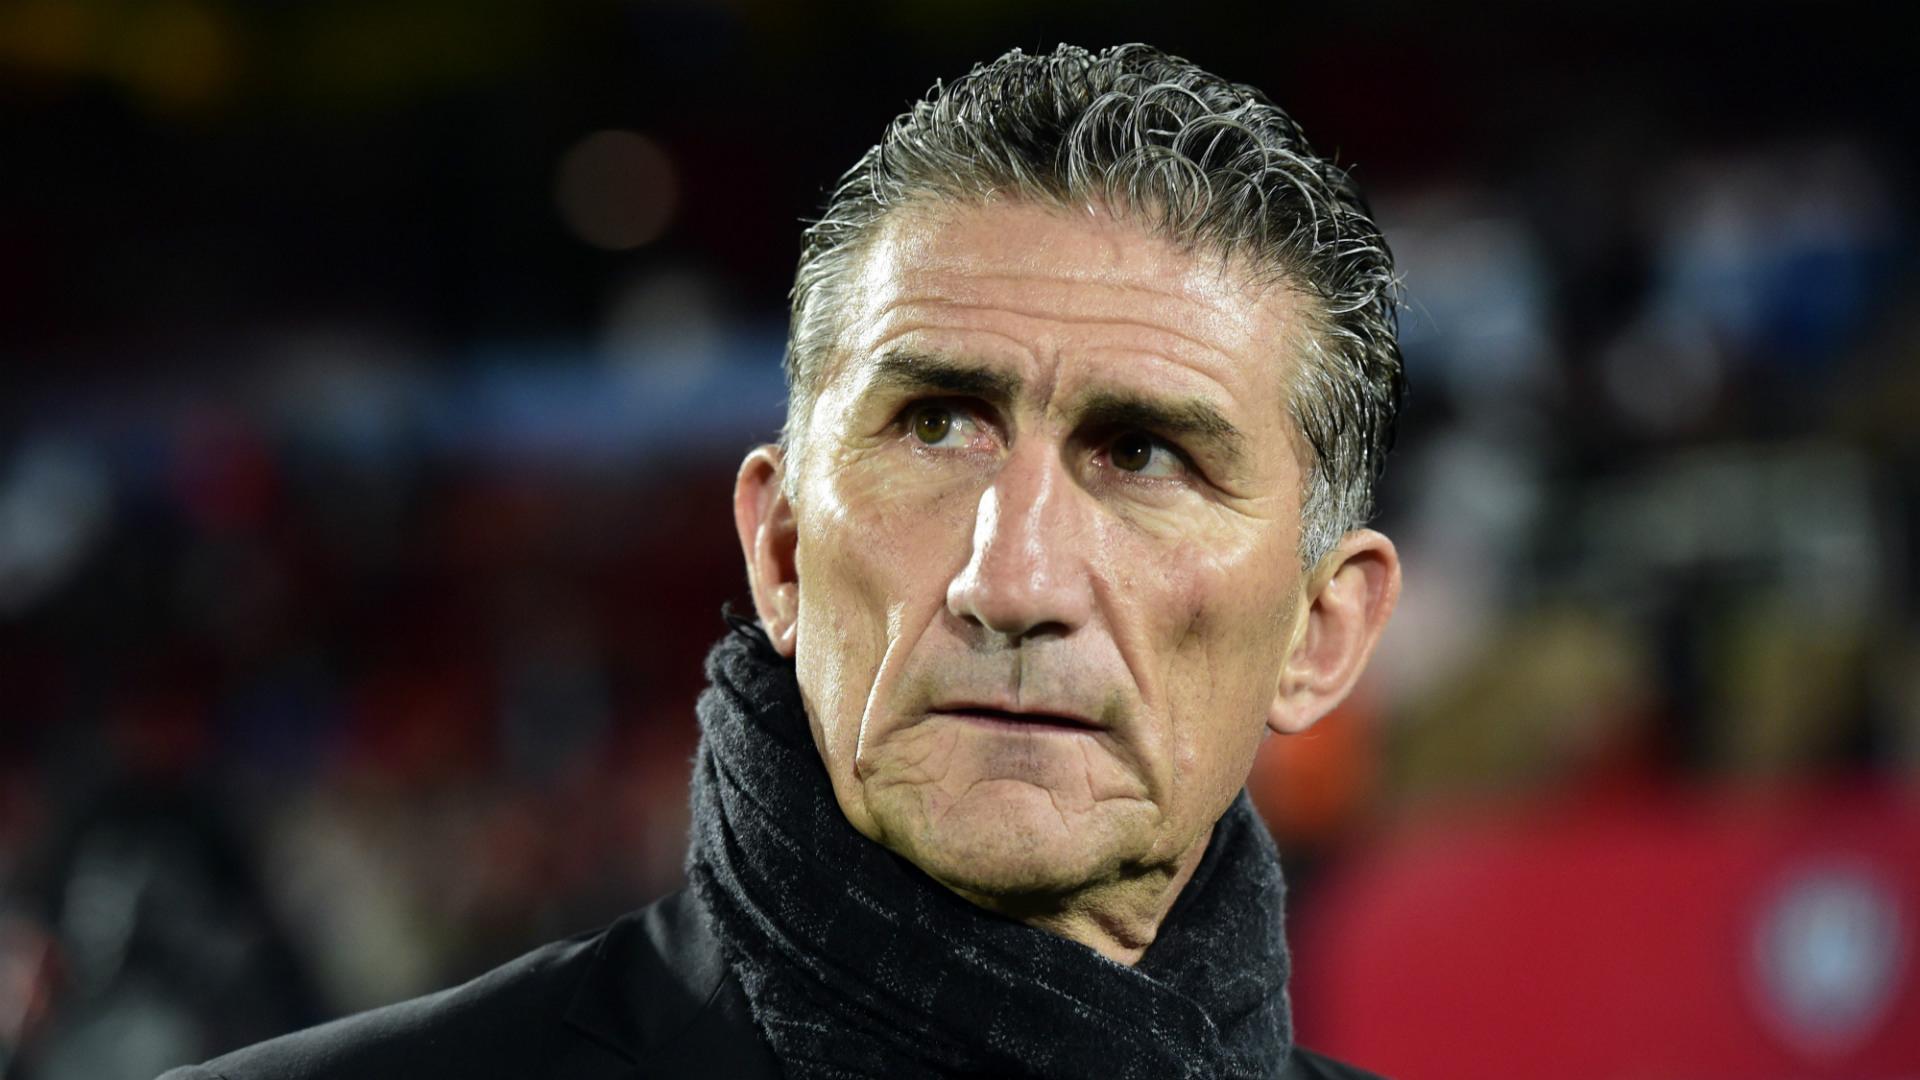 Edgardo Bauza se convierte en el nuevo entrenador de la Selección Argentina